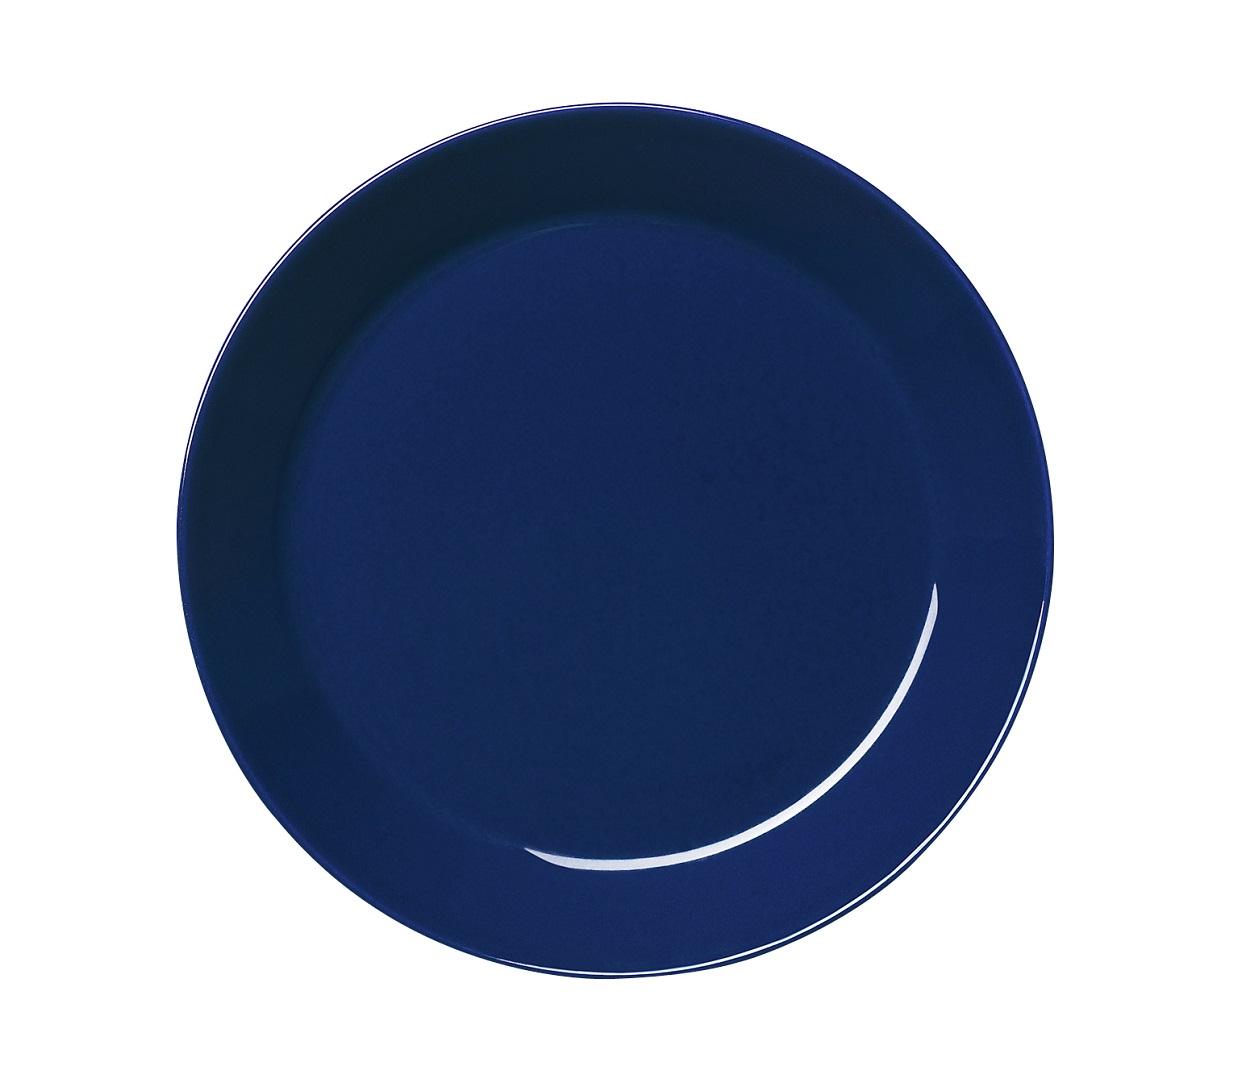 Тарелка TeemaТарелки<br>Teema - это классика дизайна Iittala, каждый продукт имеет чёткие геометрические формы: круг, квадрат и прямоугольник. Как говорит Кай Франк: «Цвет является единственным украшением». Посуда серии Teema является универсальной, её можно комбинировать с любой серией Iittala. Она практична и лаконична.<br><br>Material: Фарфор<br>Высота см: 2